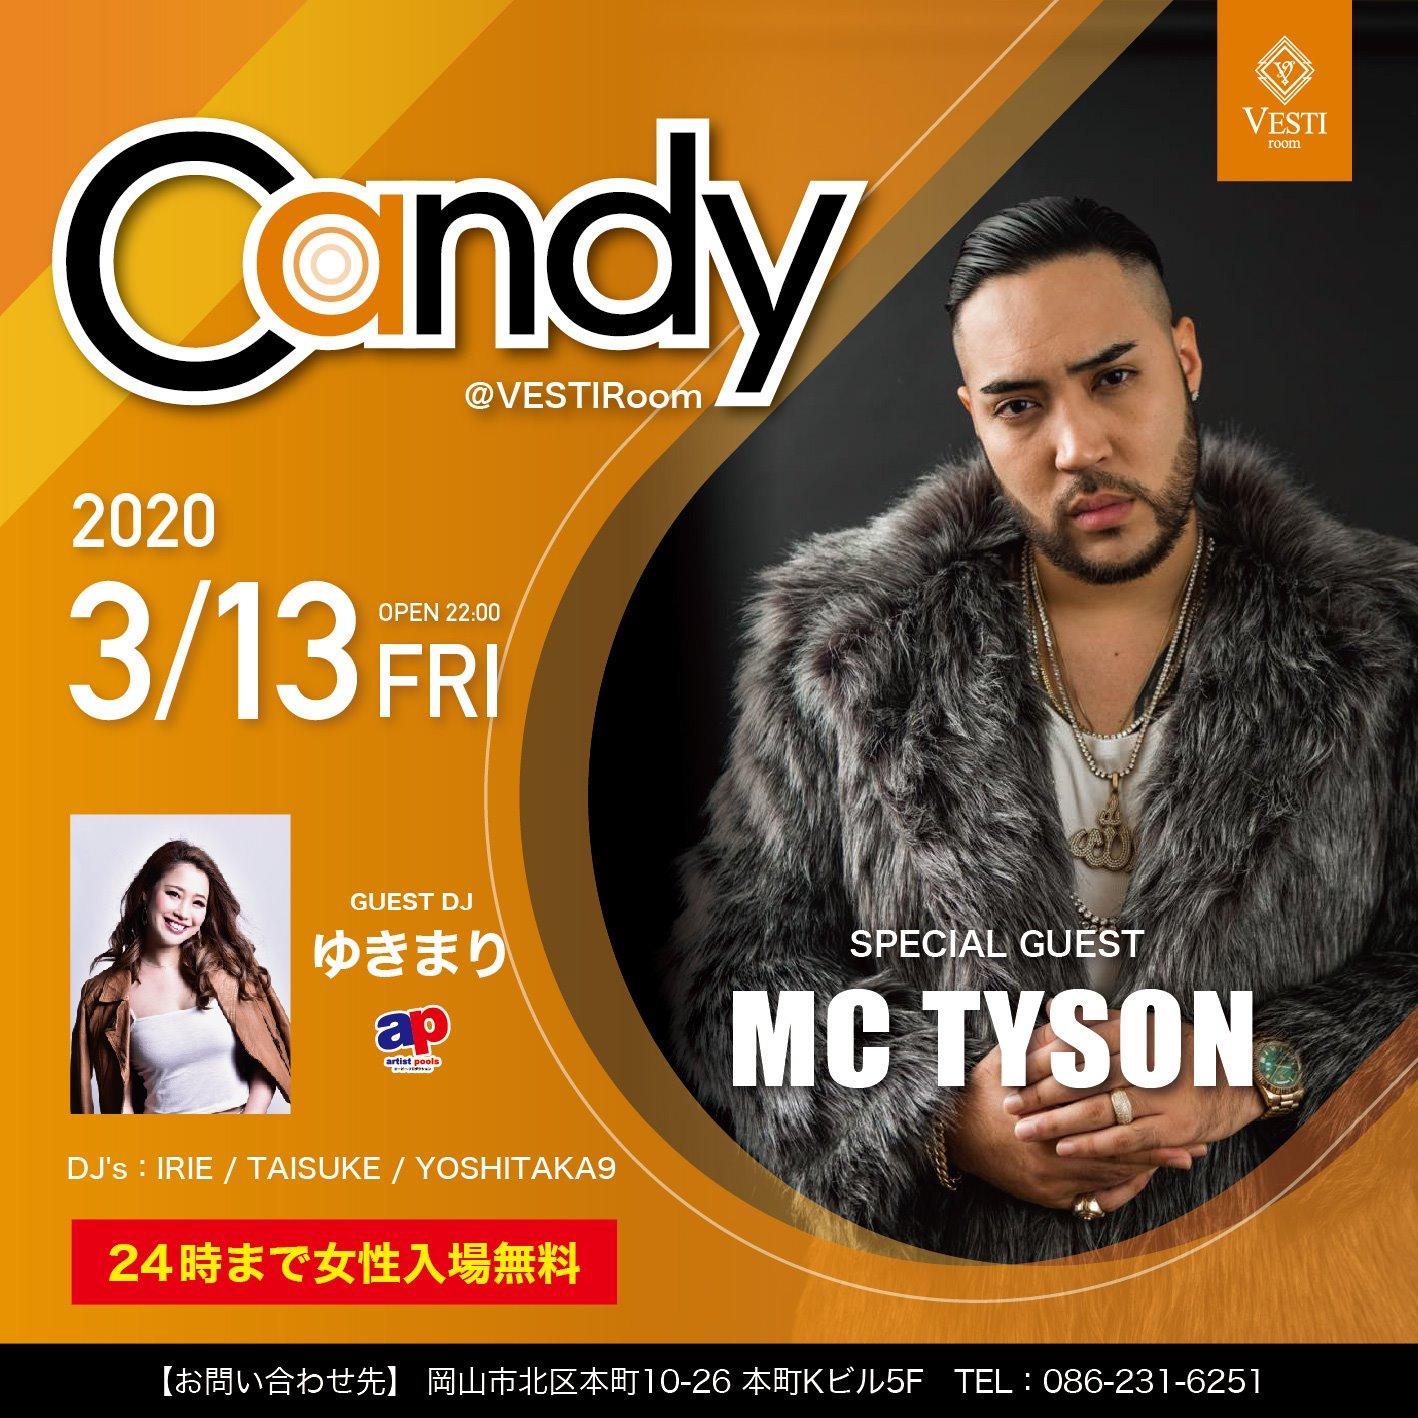 CANDY  [ MC TYSON 出演は延期となりました 、通常営業はしております]